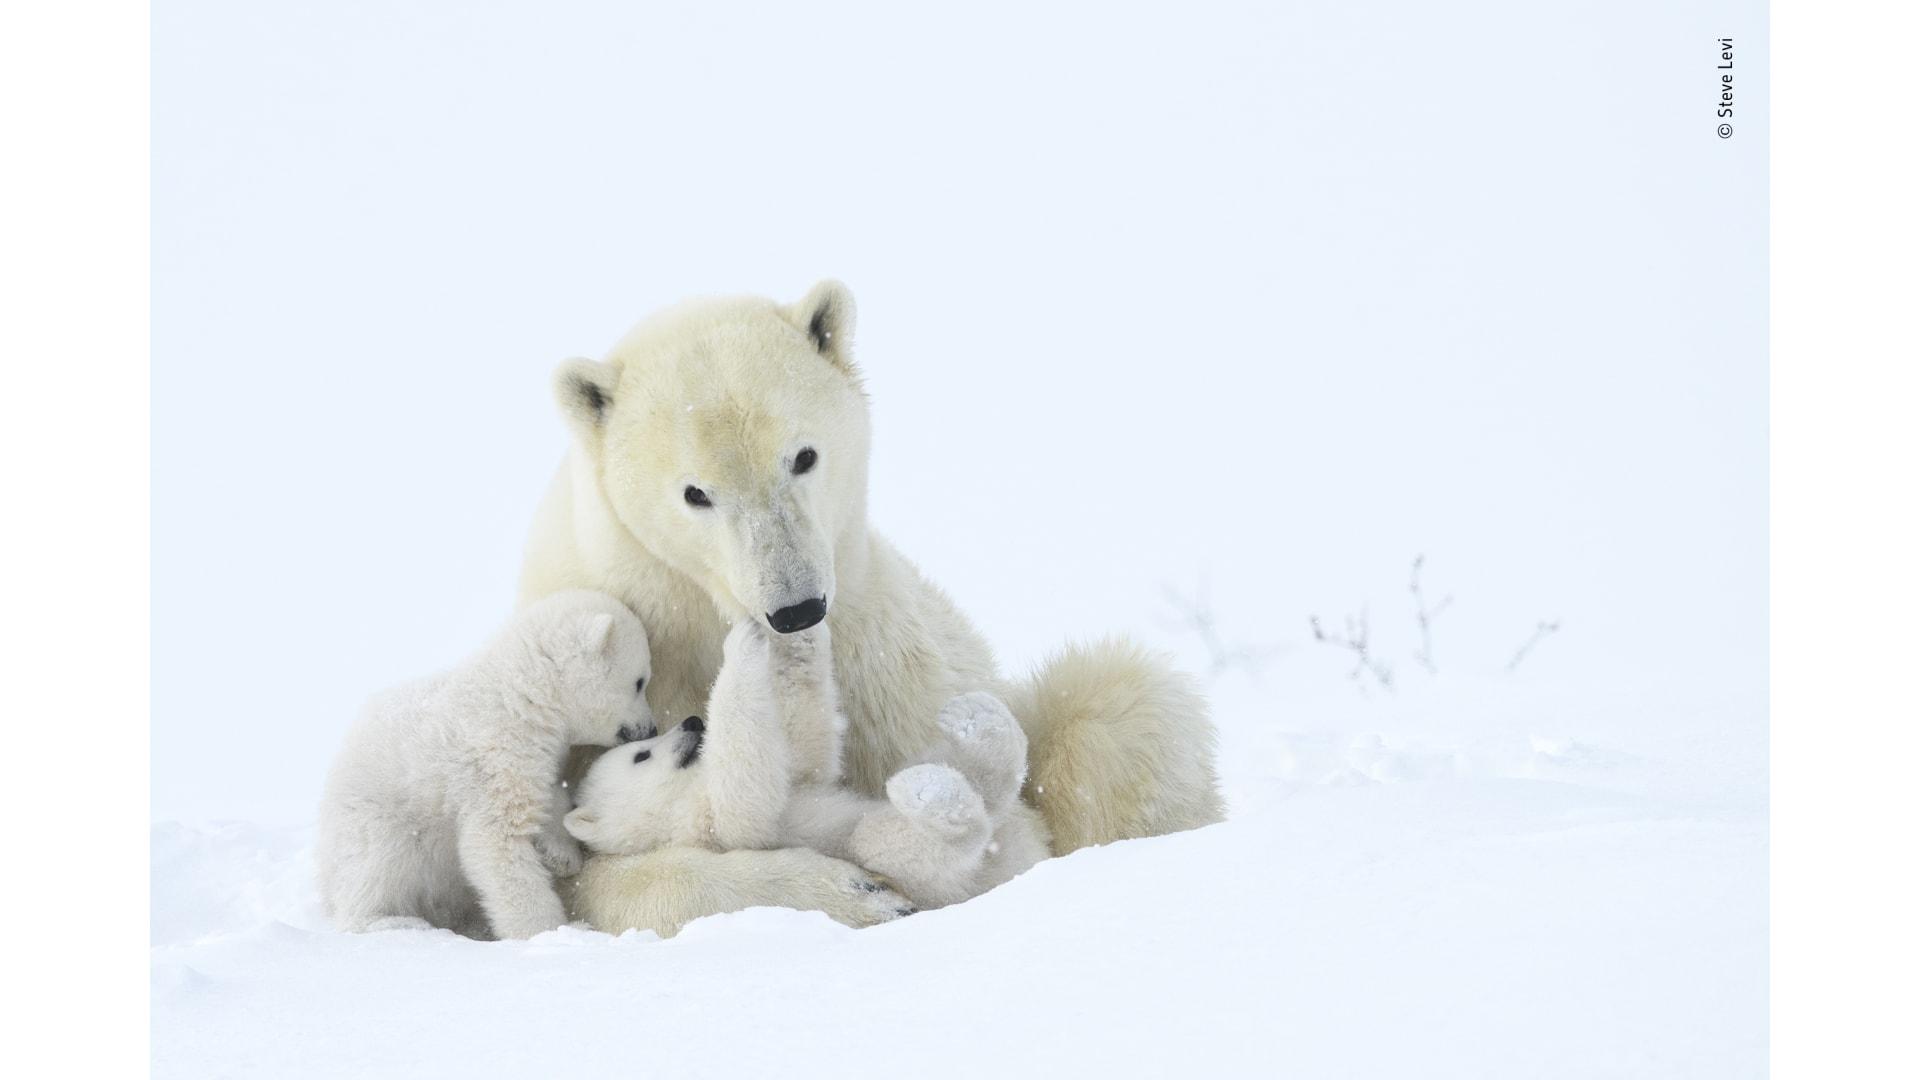 لقطة لدب قطبي وأشباله يلعبون في متنزه وابوسك الوطني، كندا